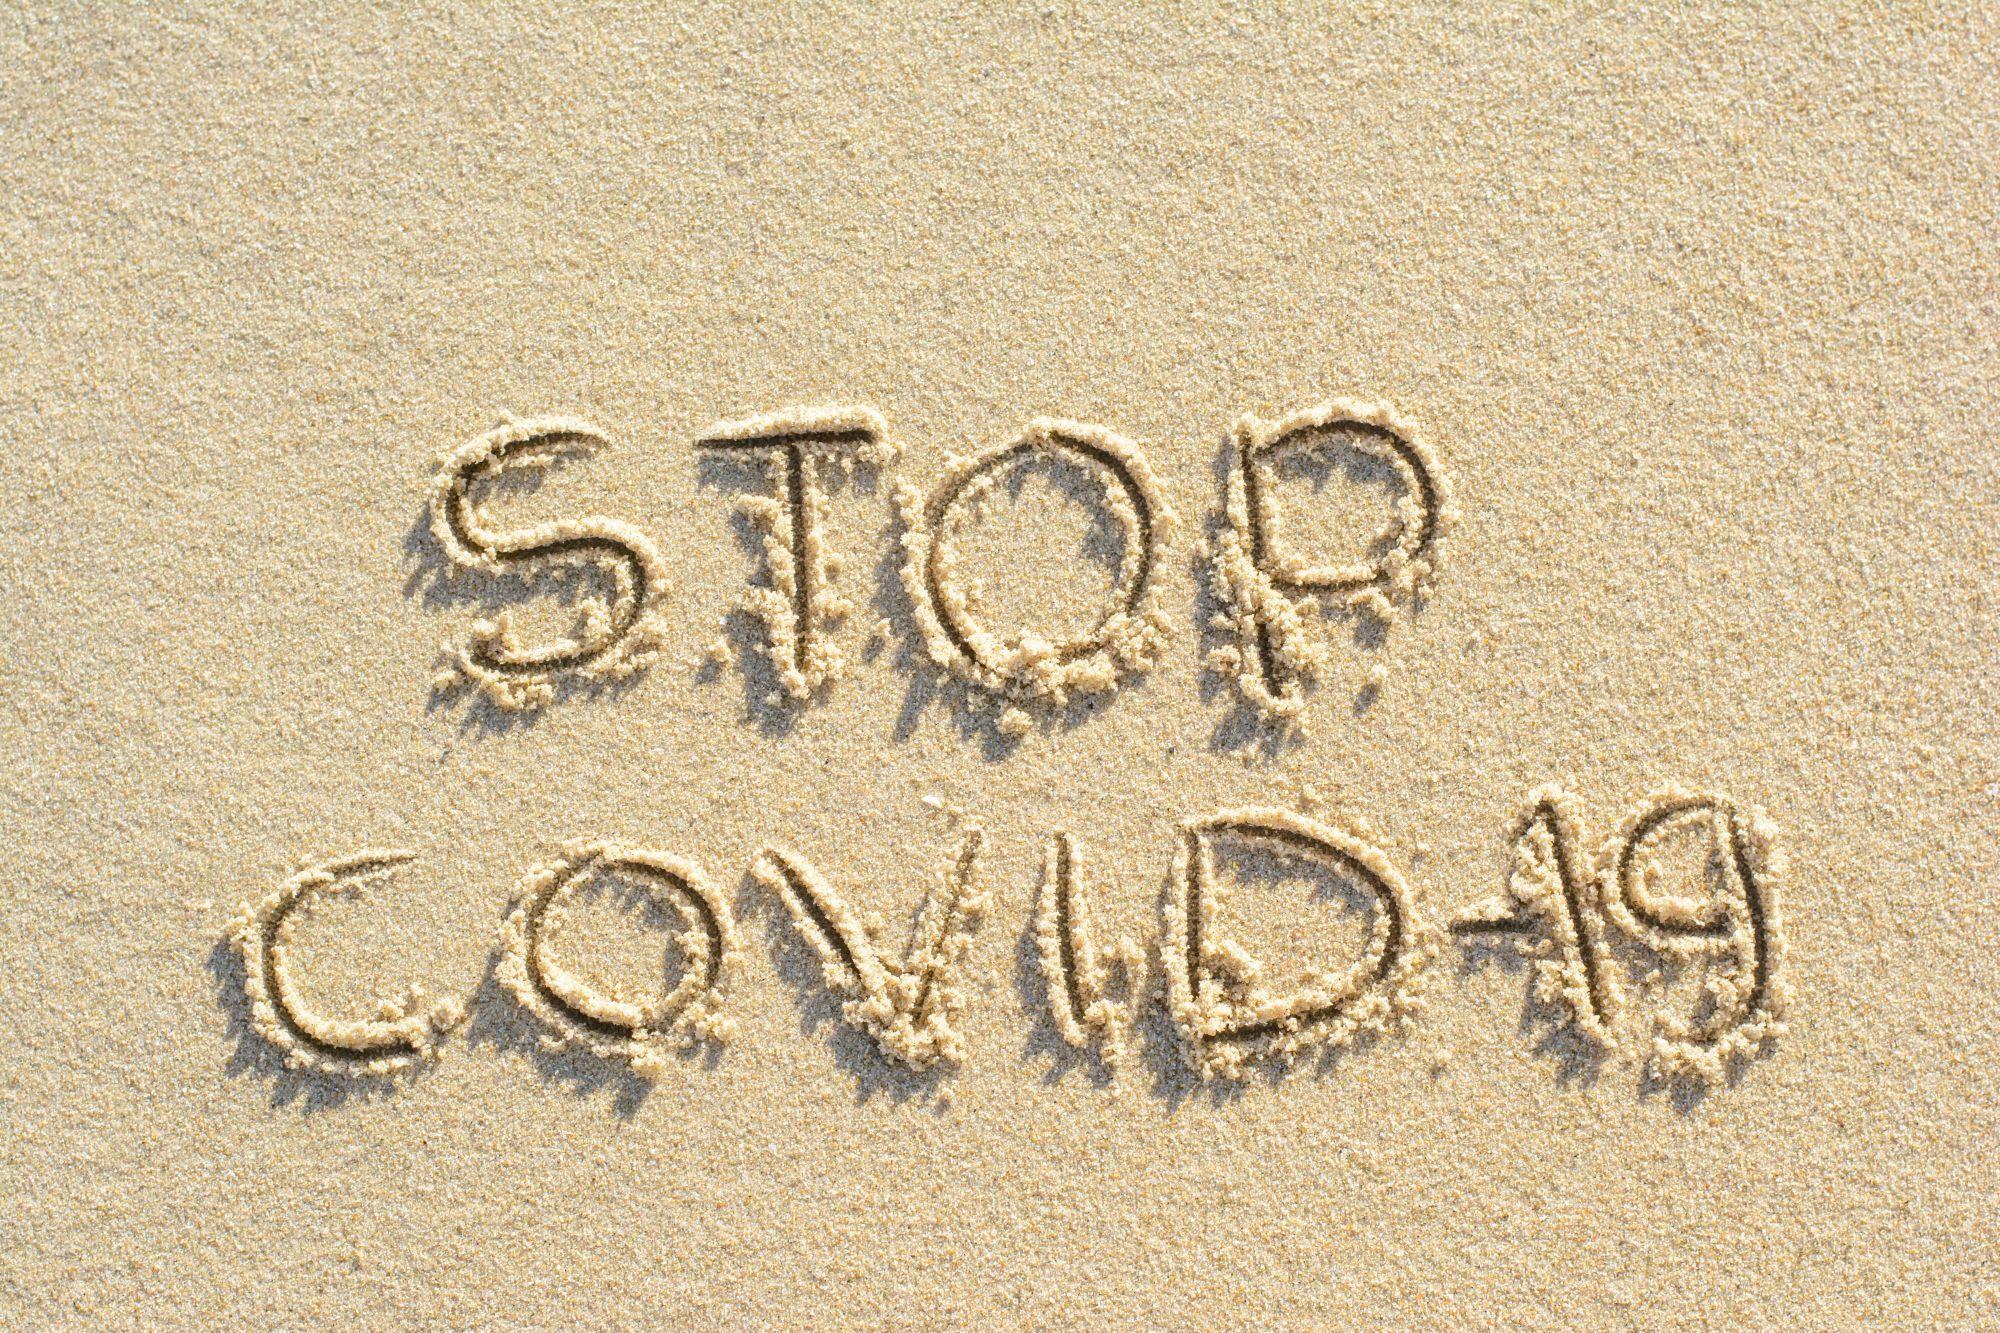 Mesaj Stop Covid-19 scris pe nisip